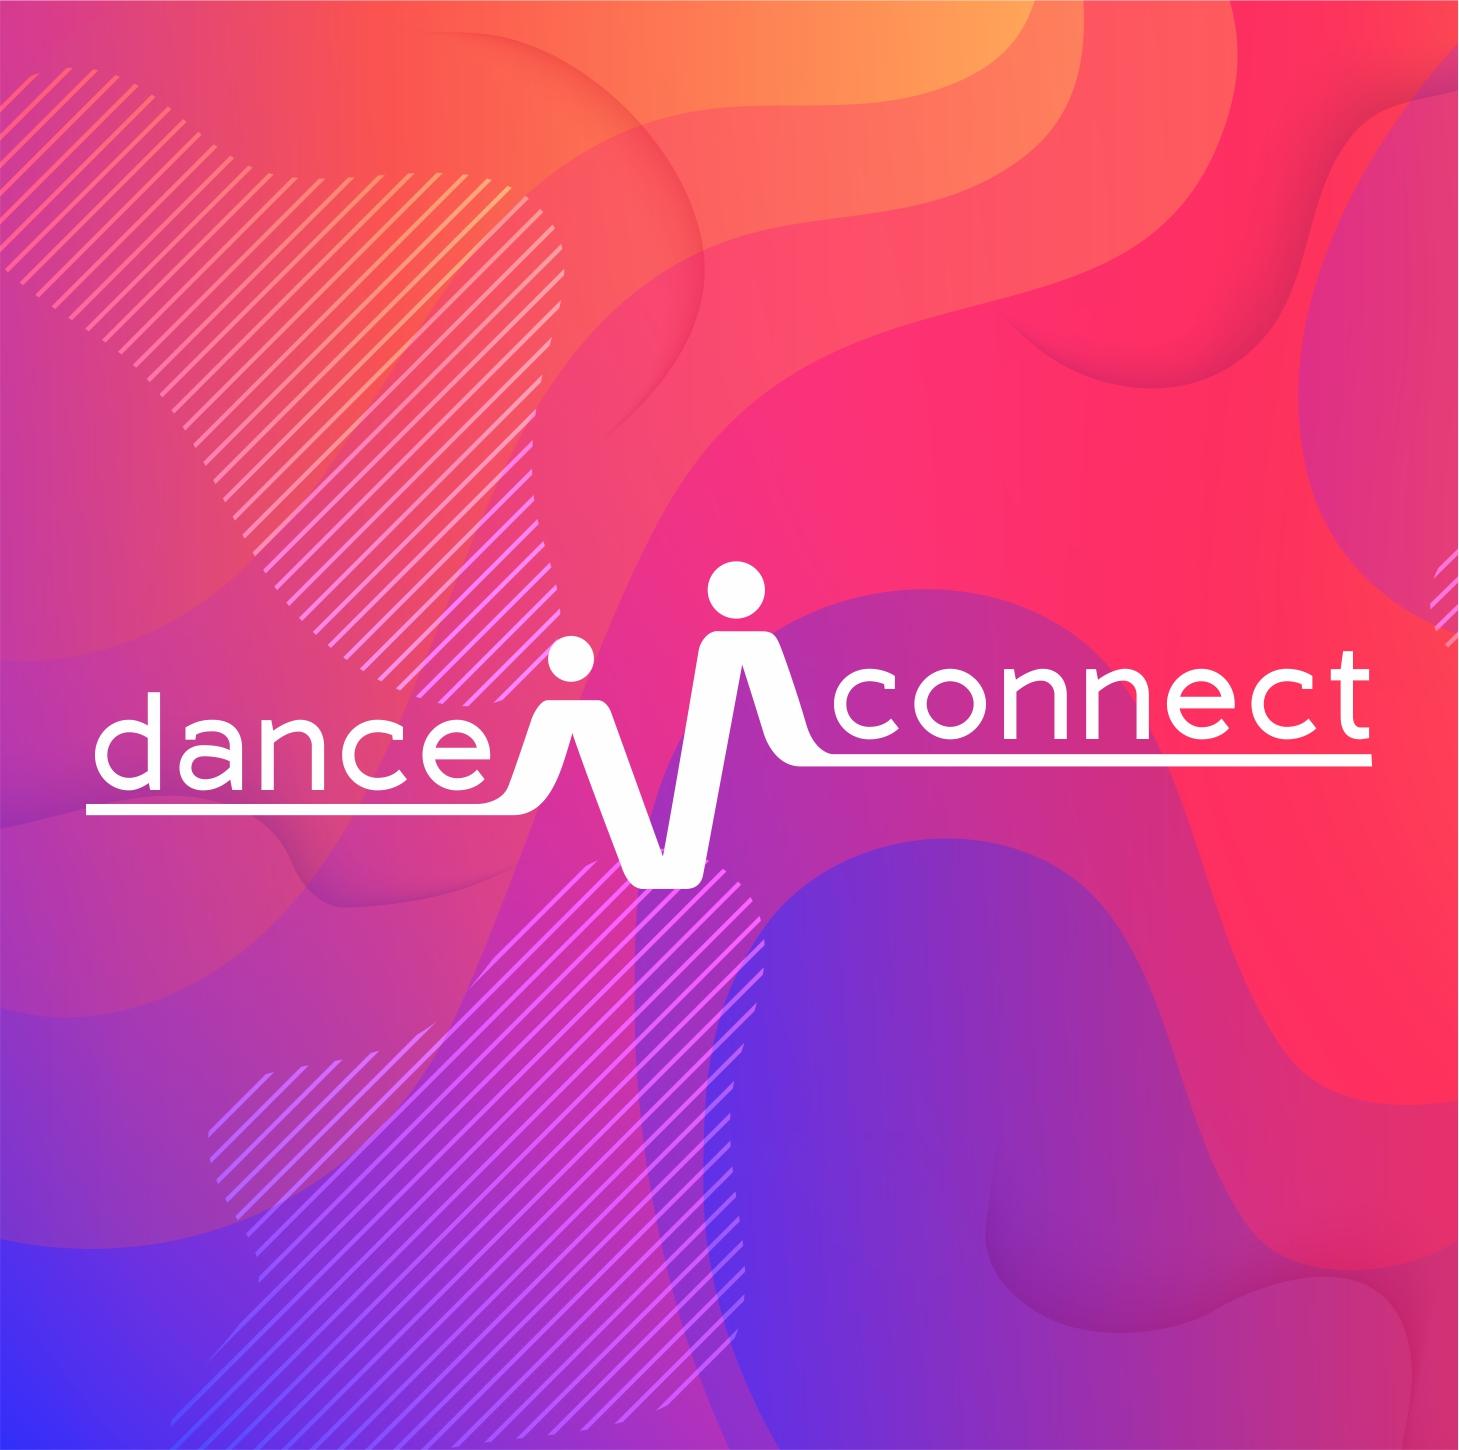 Разработка лого для спортивного портала www.danceconnect.ru фото f_8255b3f68435fdec.jpg